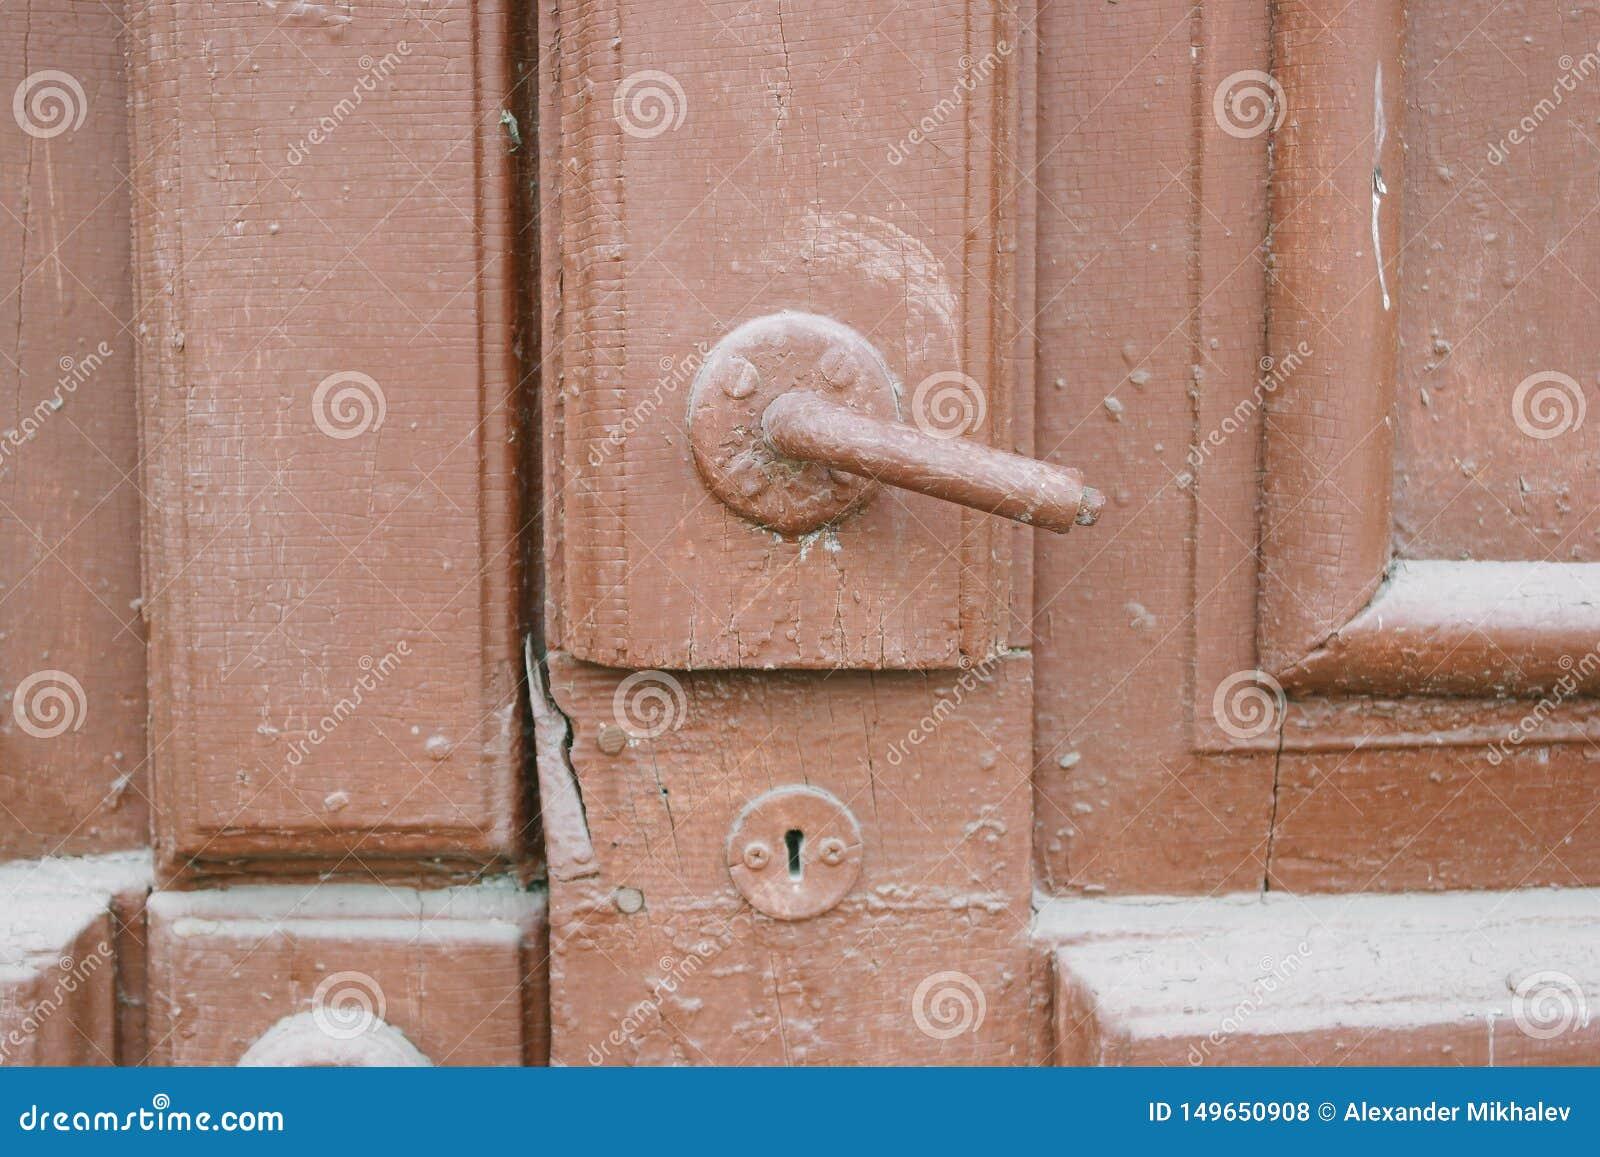 The old door with door knob